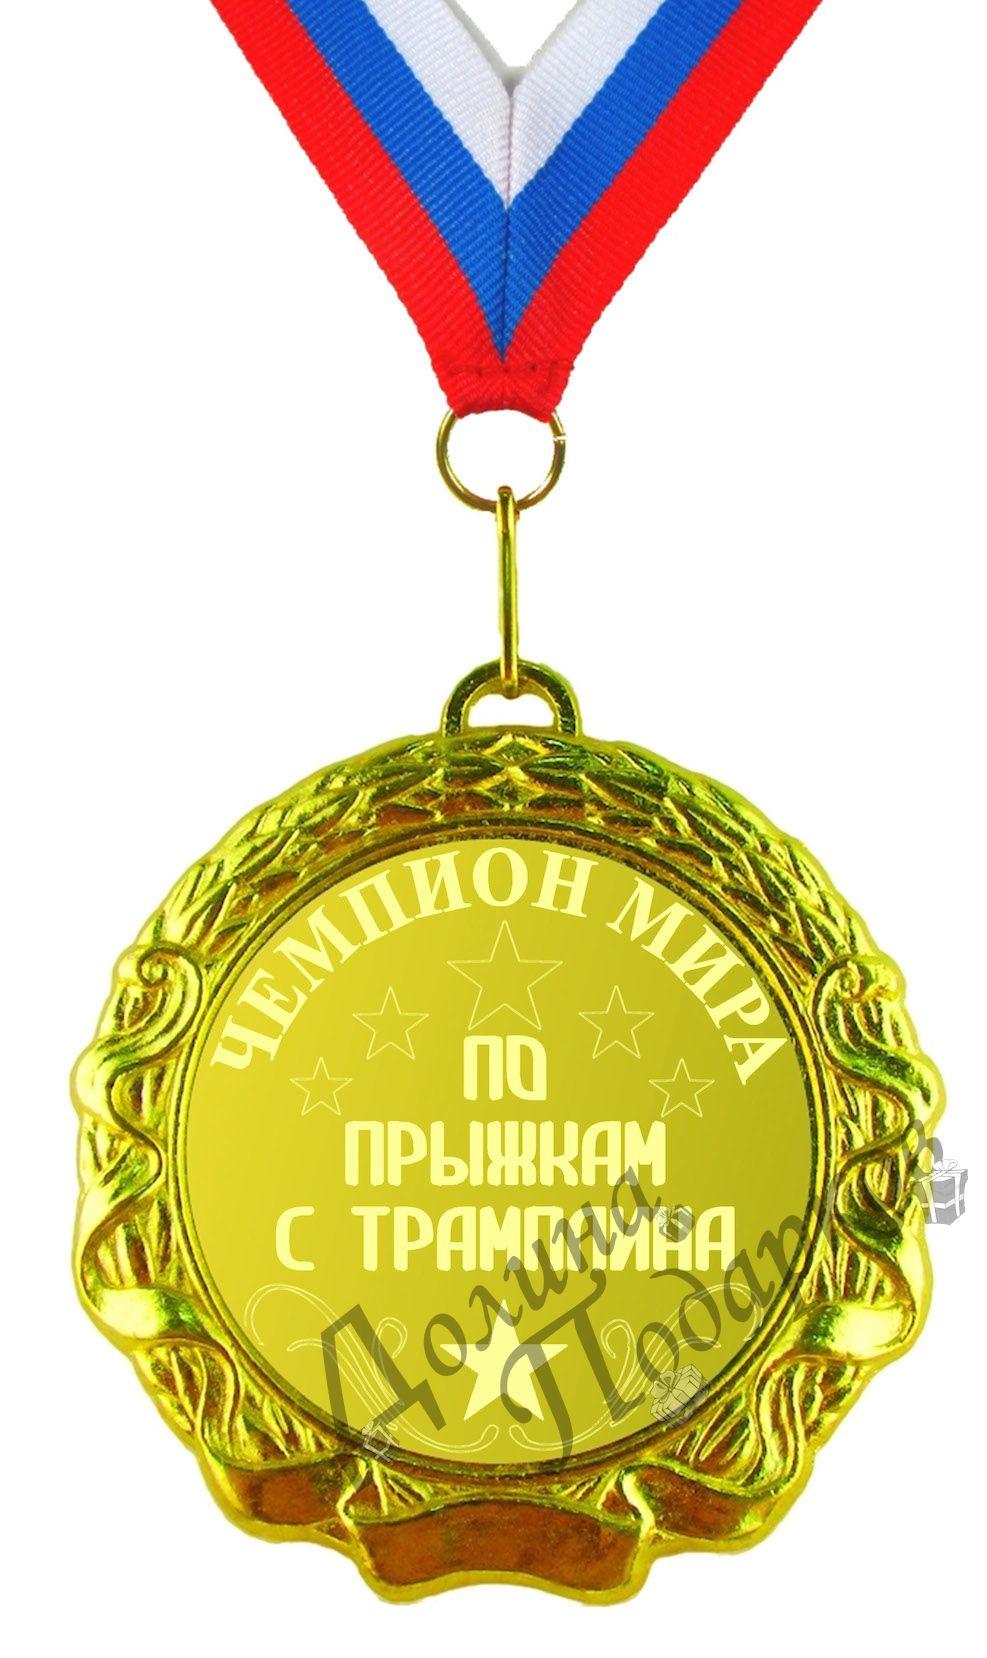 Купить Медаль *Чемпион мира по прыжкам с трамплина* в интернет-магазине подарков. Огромный выбор необычных подарков и сувениров широкого ценового диапазона!